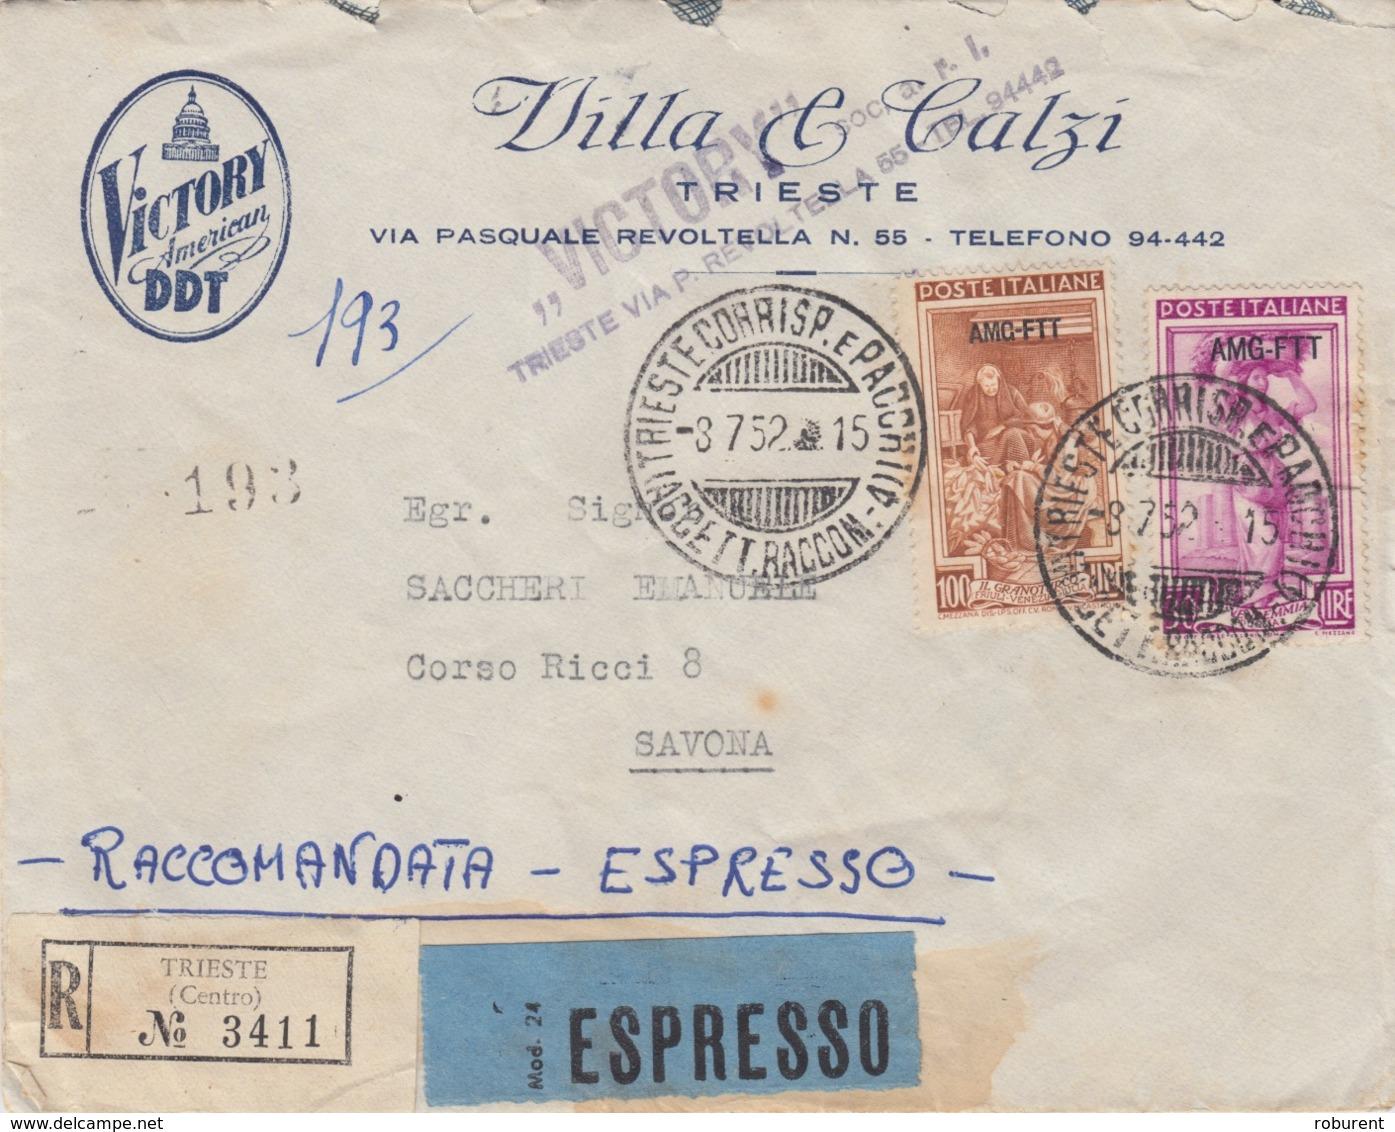 """450 - STORIA POSTALE - BUSTA """"VICTORY AMERICAN DDT"""" - DUE VALORI DA 30 E 100 Lire RACCOMANDATA-ESPRESSO-AMG-FTT-TRIESTE - 1946-60: Marcofilie"""